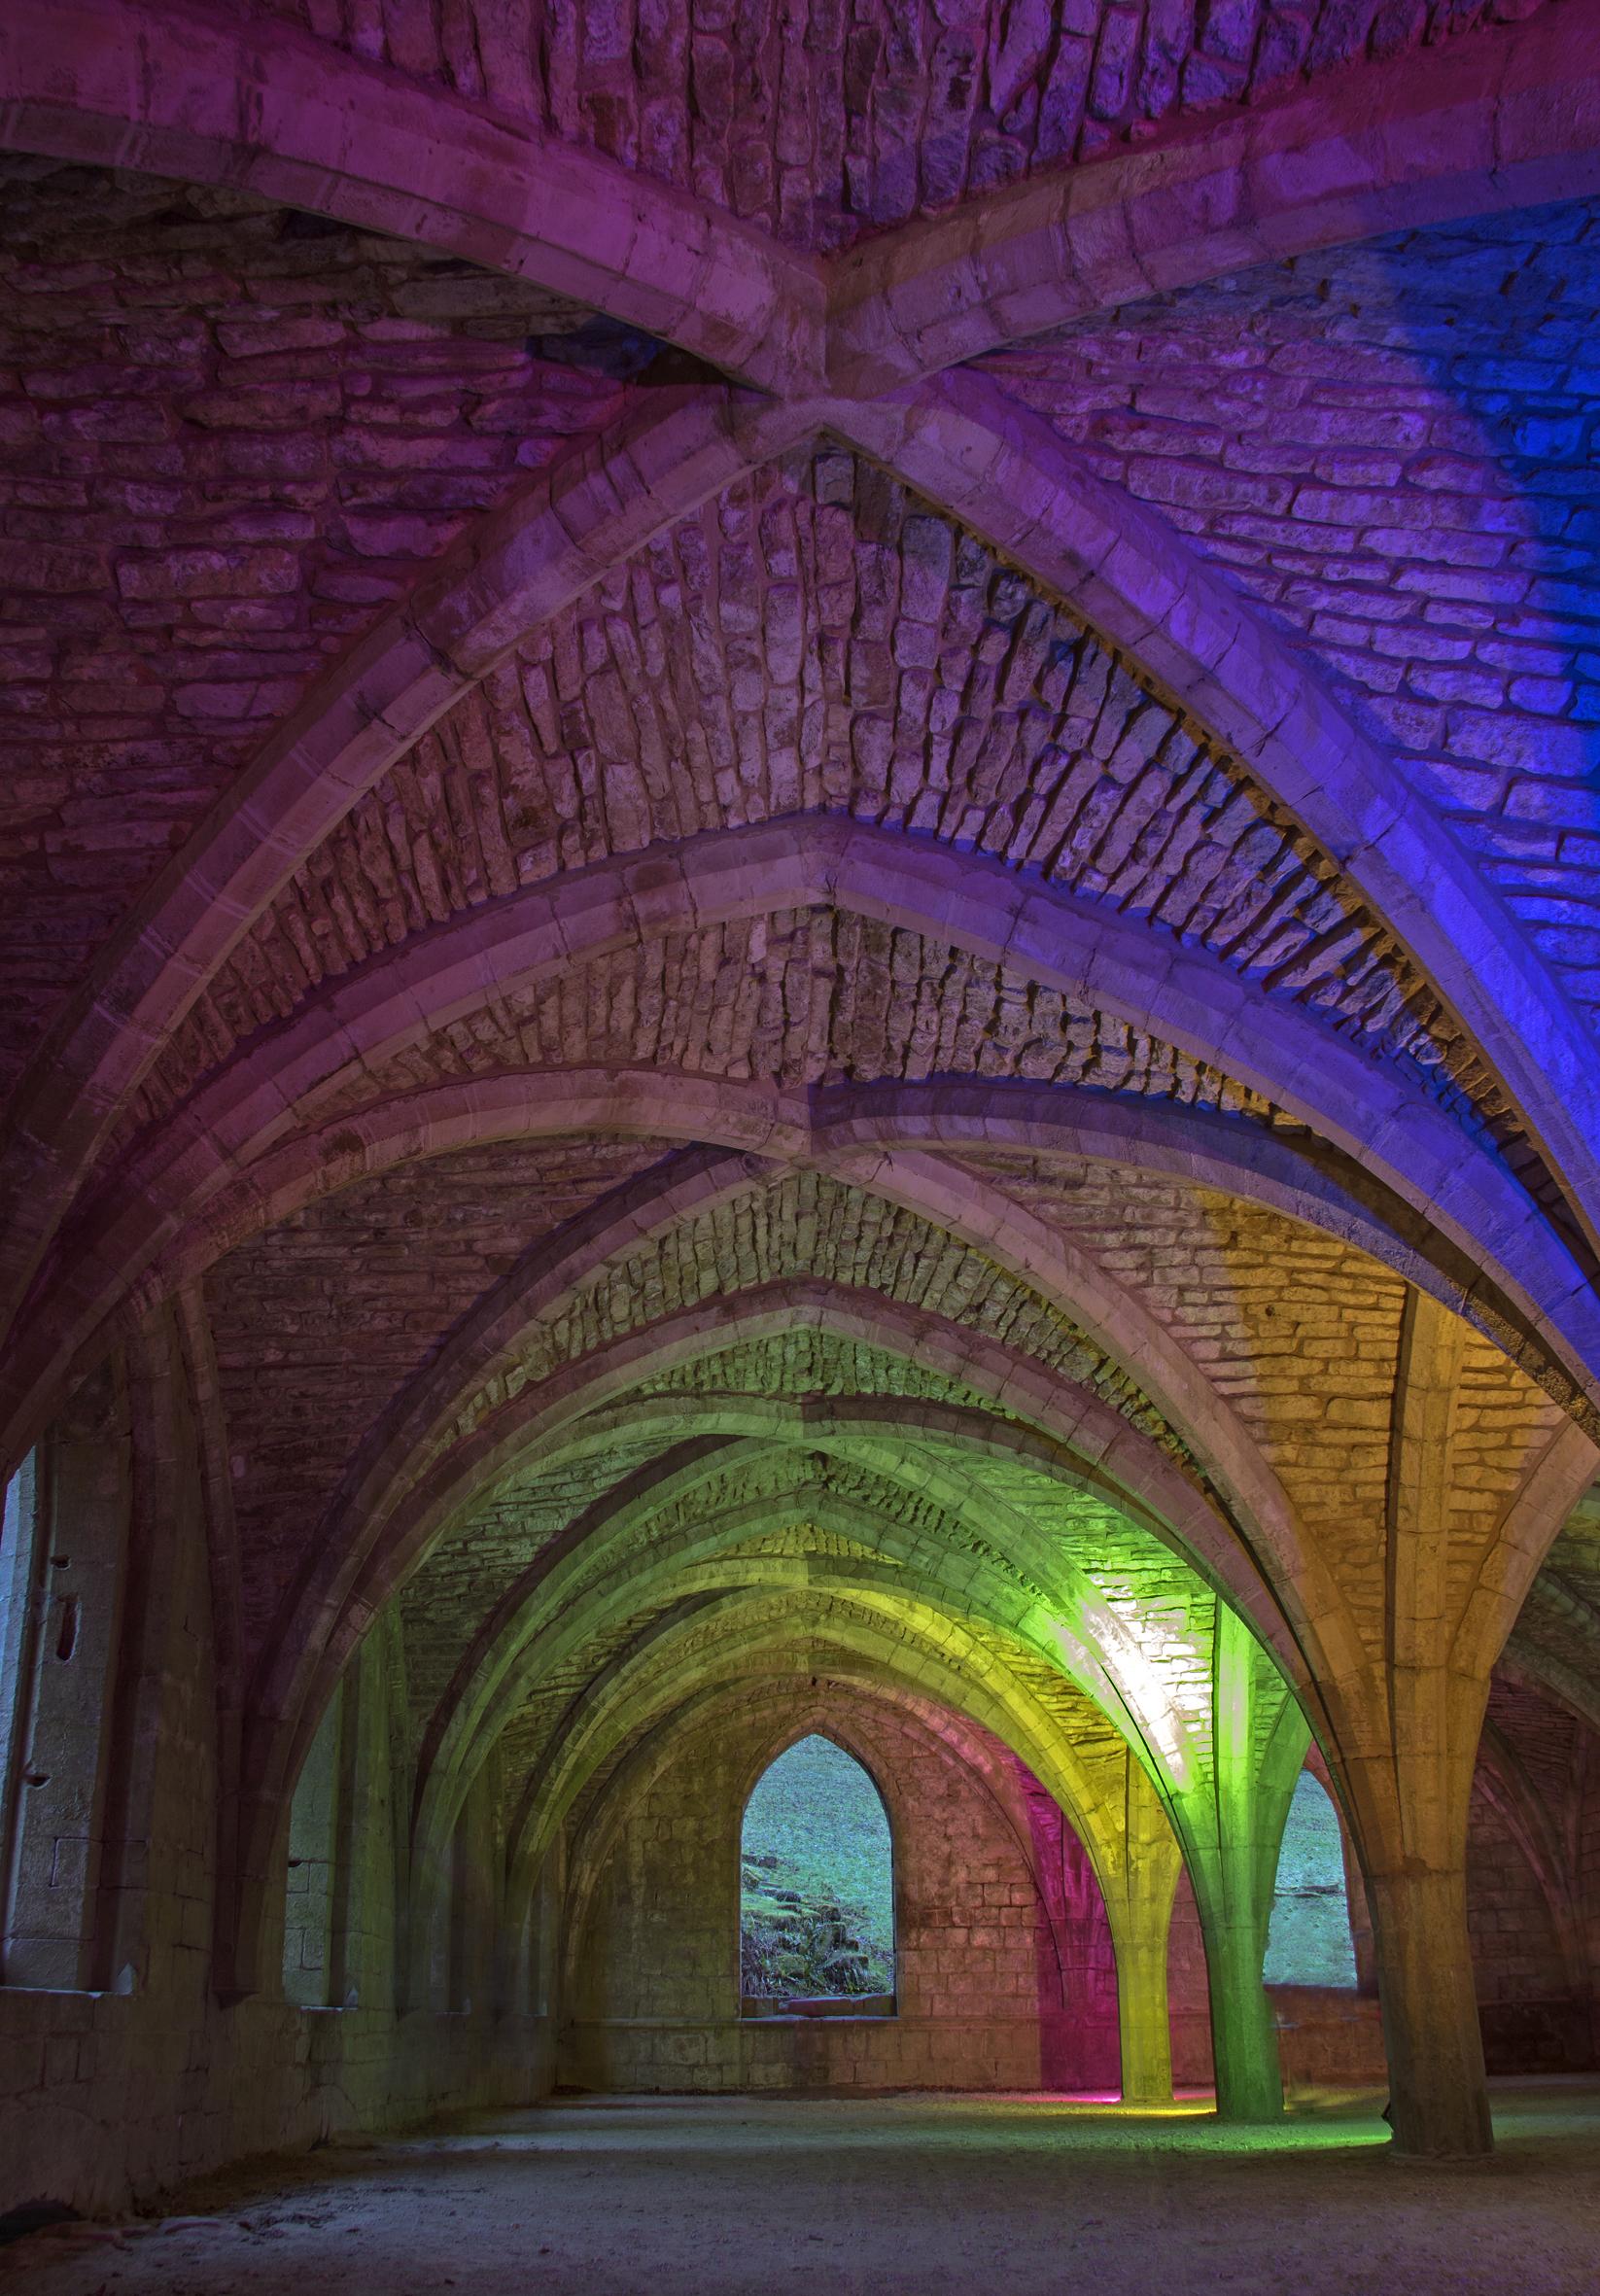 cellarium - vaulted ceiling